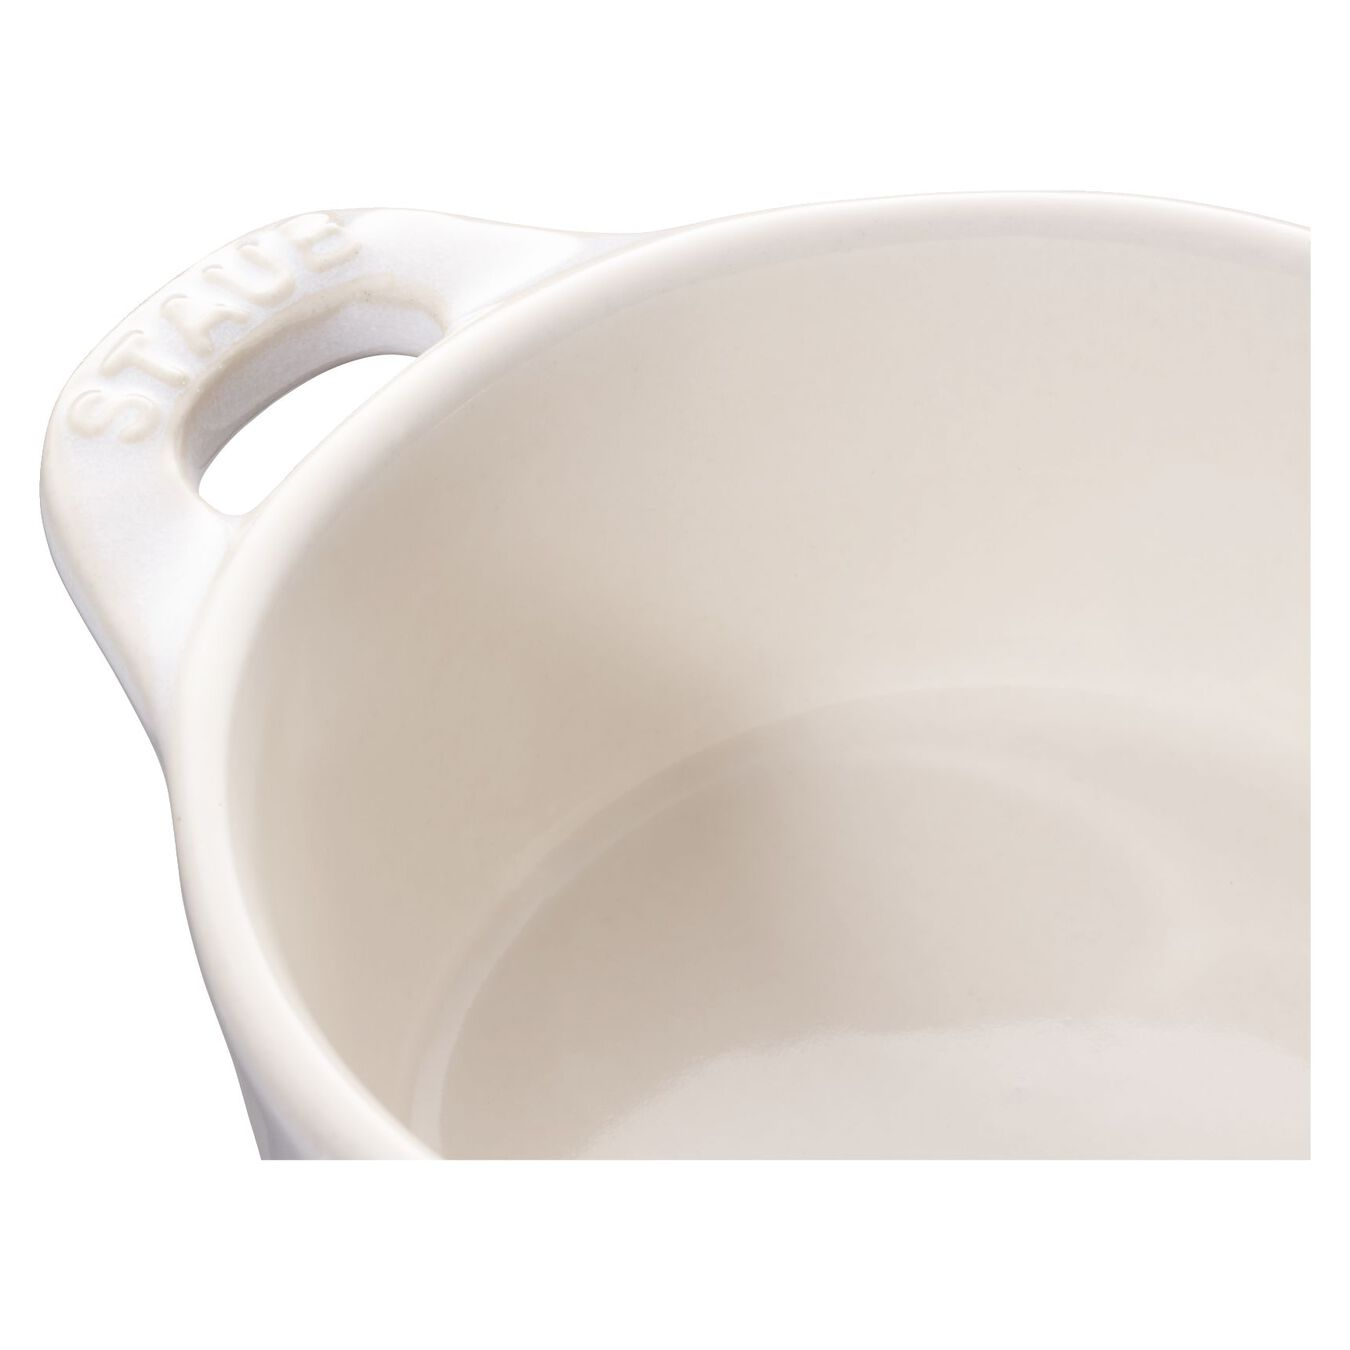 Mini Cocotte 10 cm, Rond(e), Blanc ivoire, Céramique,,large 6